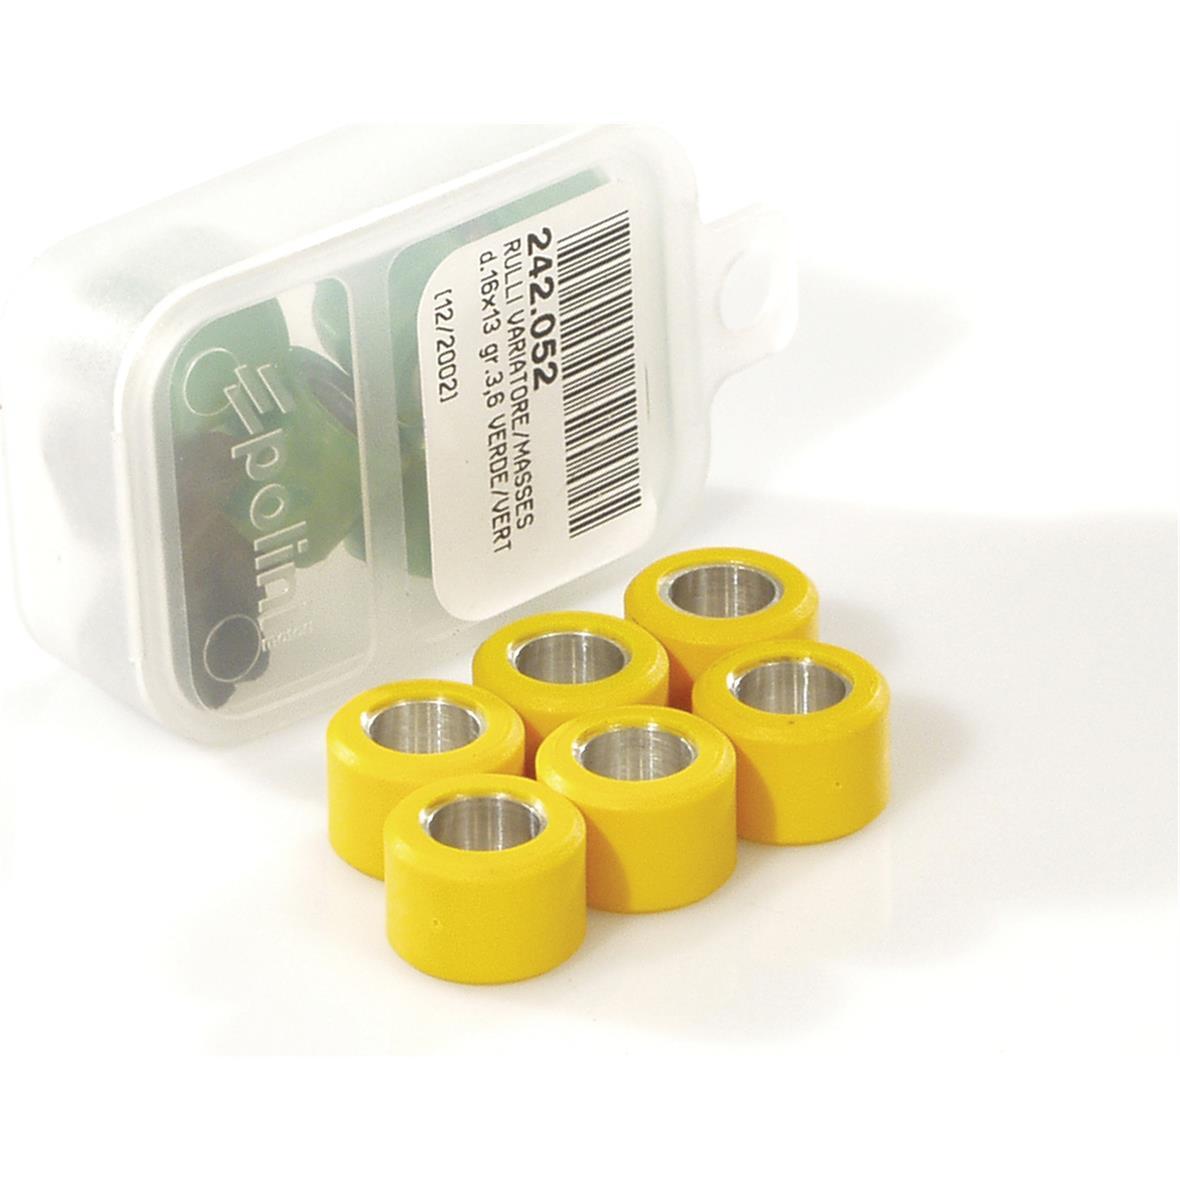 Image du produit 'Rouleaux de variateur POLINI 15x12 mm 7,4g'